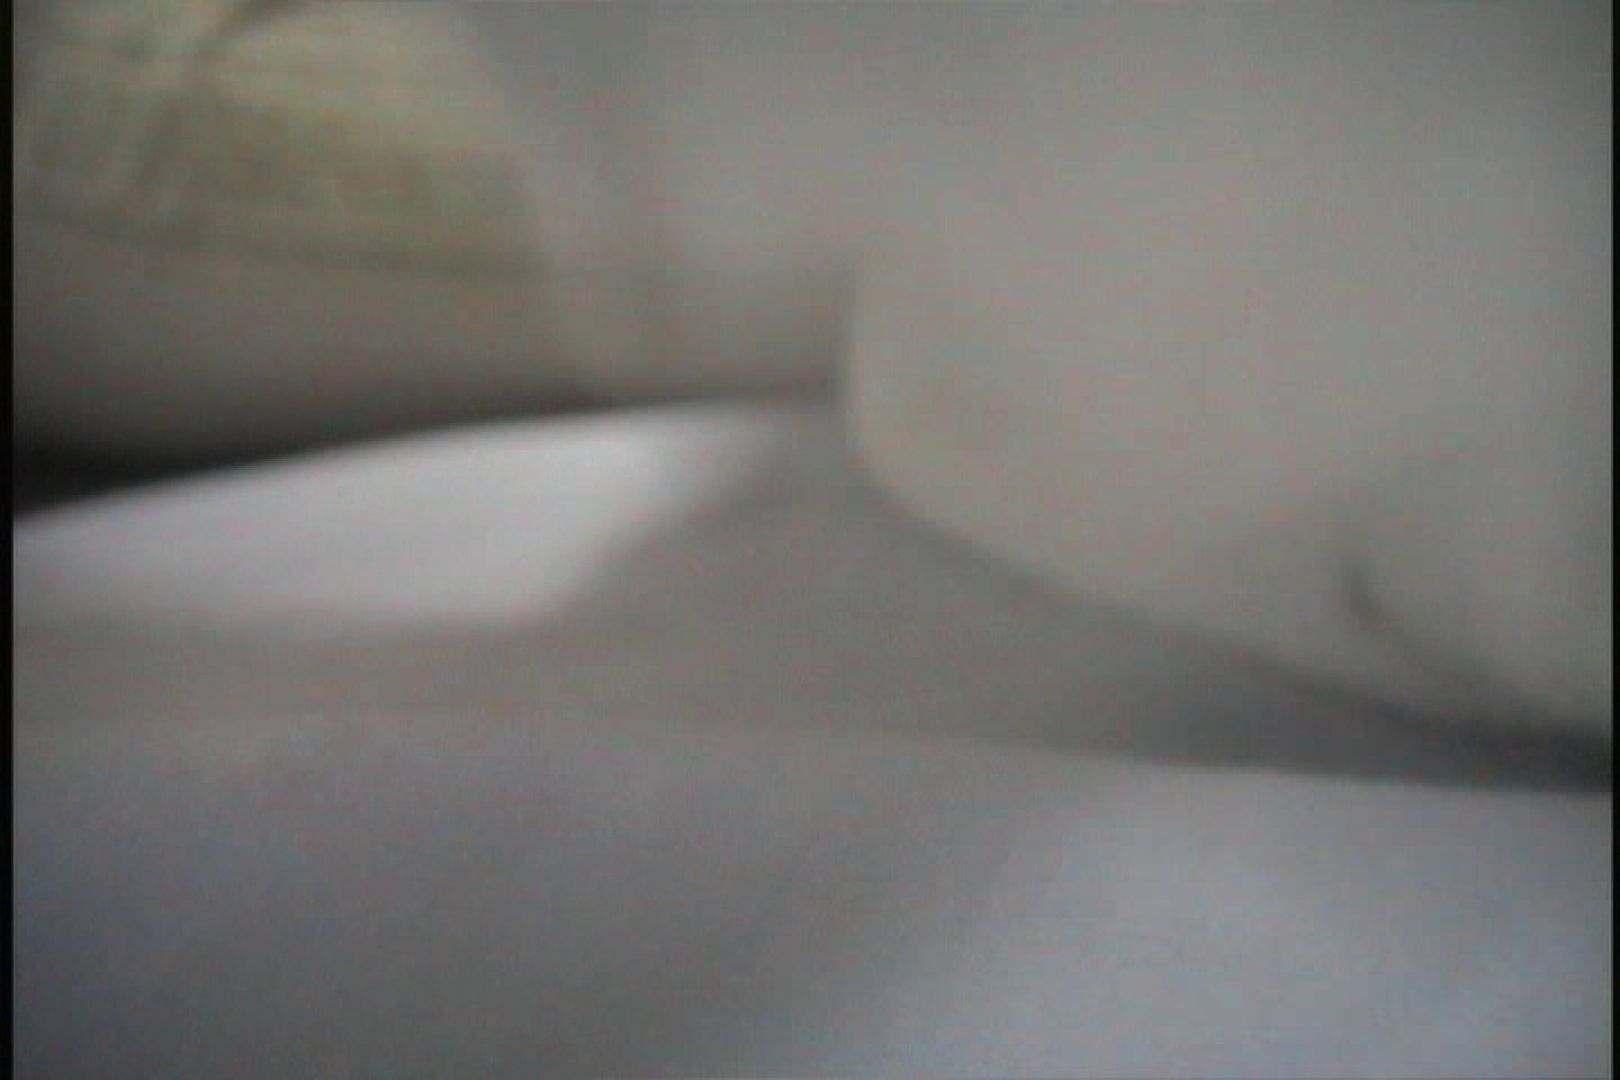 歯科衛生士バージンアラサー30歳まきVol.6 エロティックなOL  91画像 24